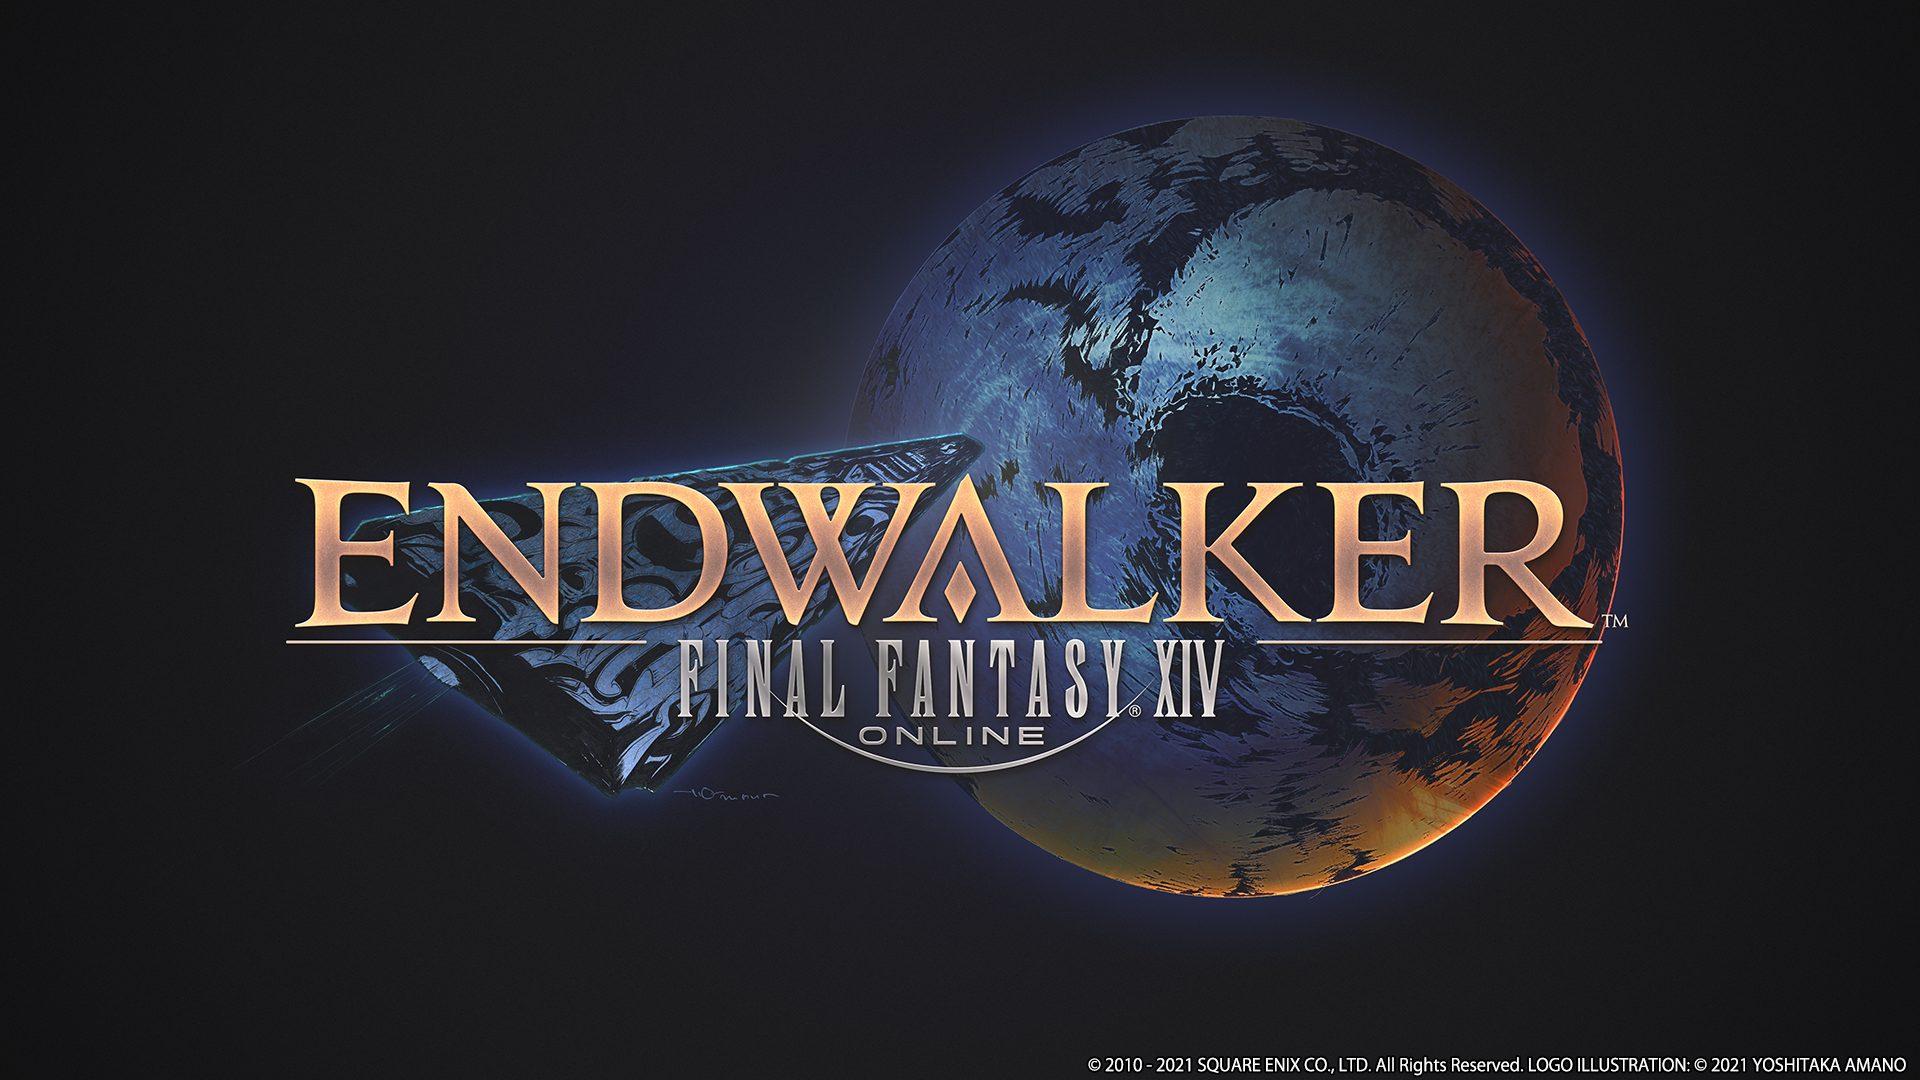 Final Fantasy XIV: Endwalker annonce la nouvelle extension